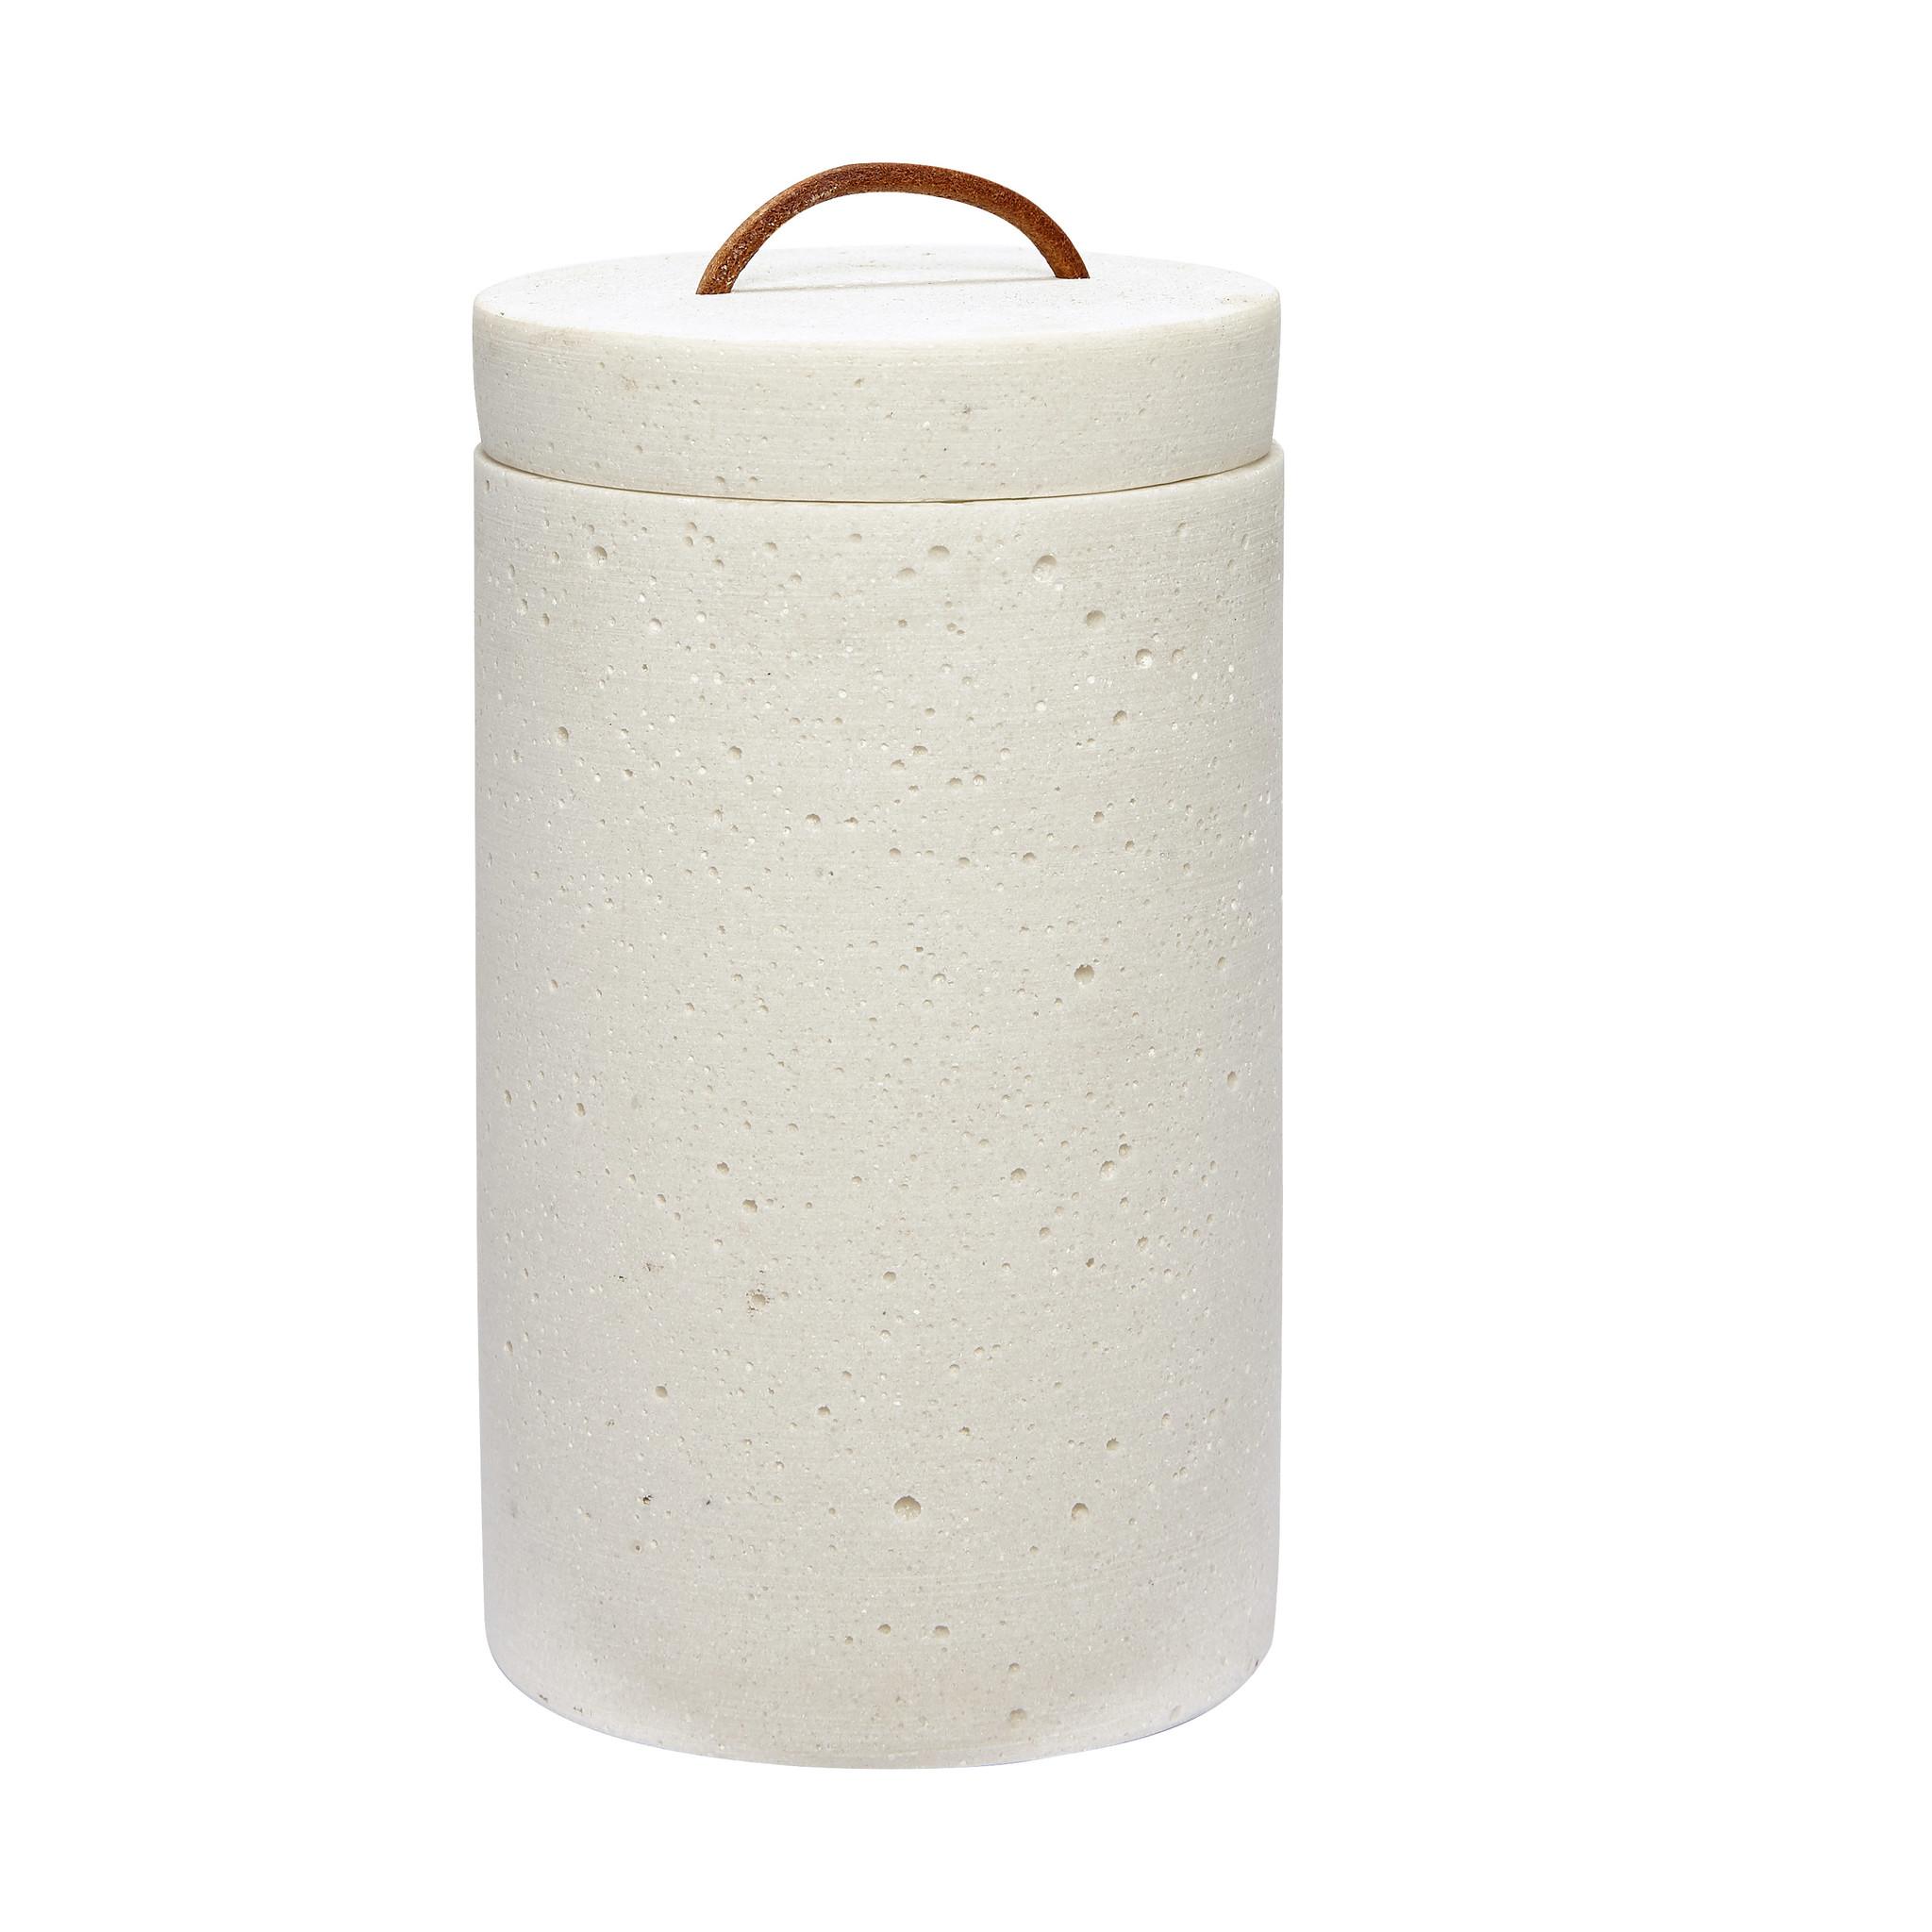 Hubsch Pot met deksel, wit